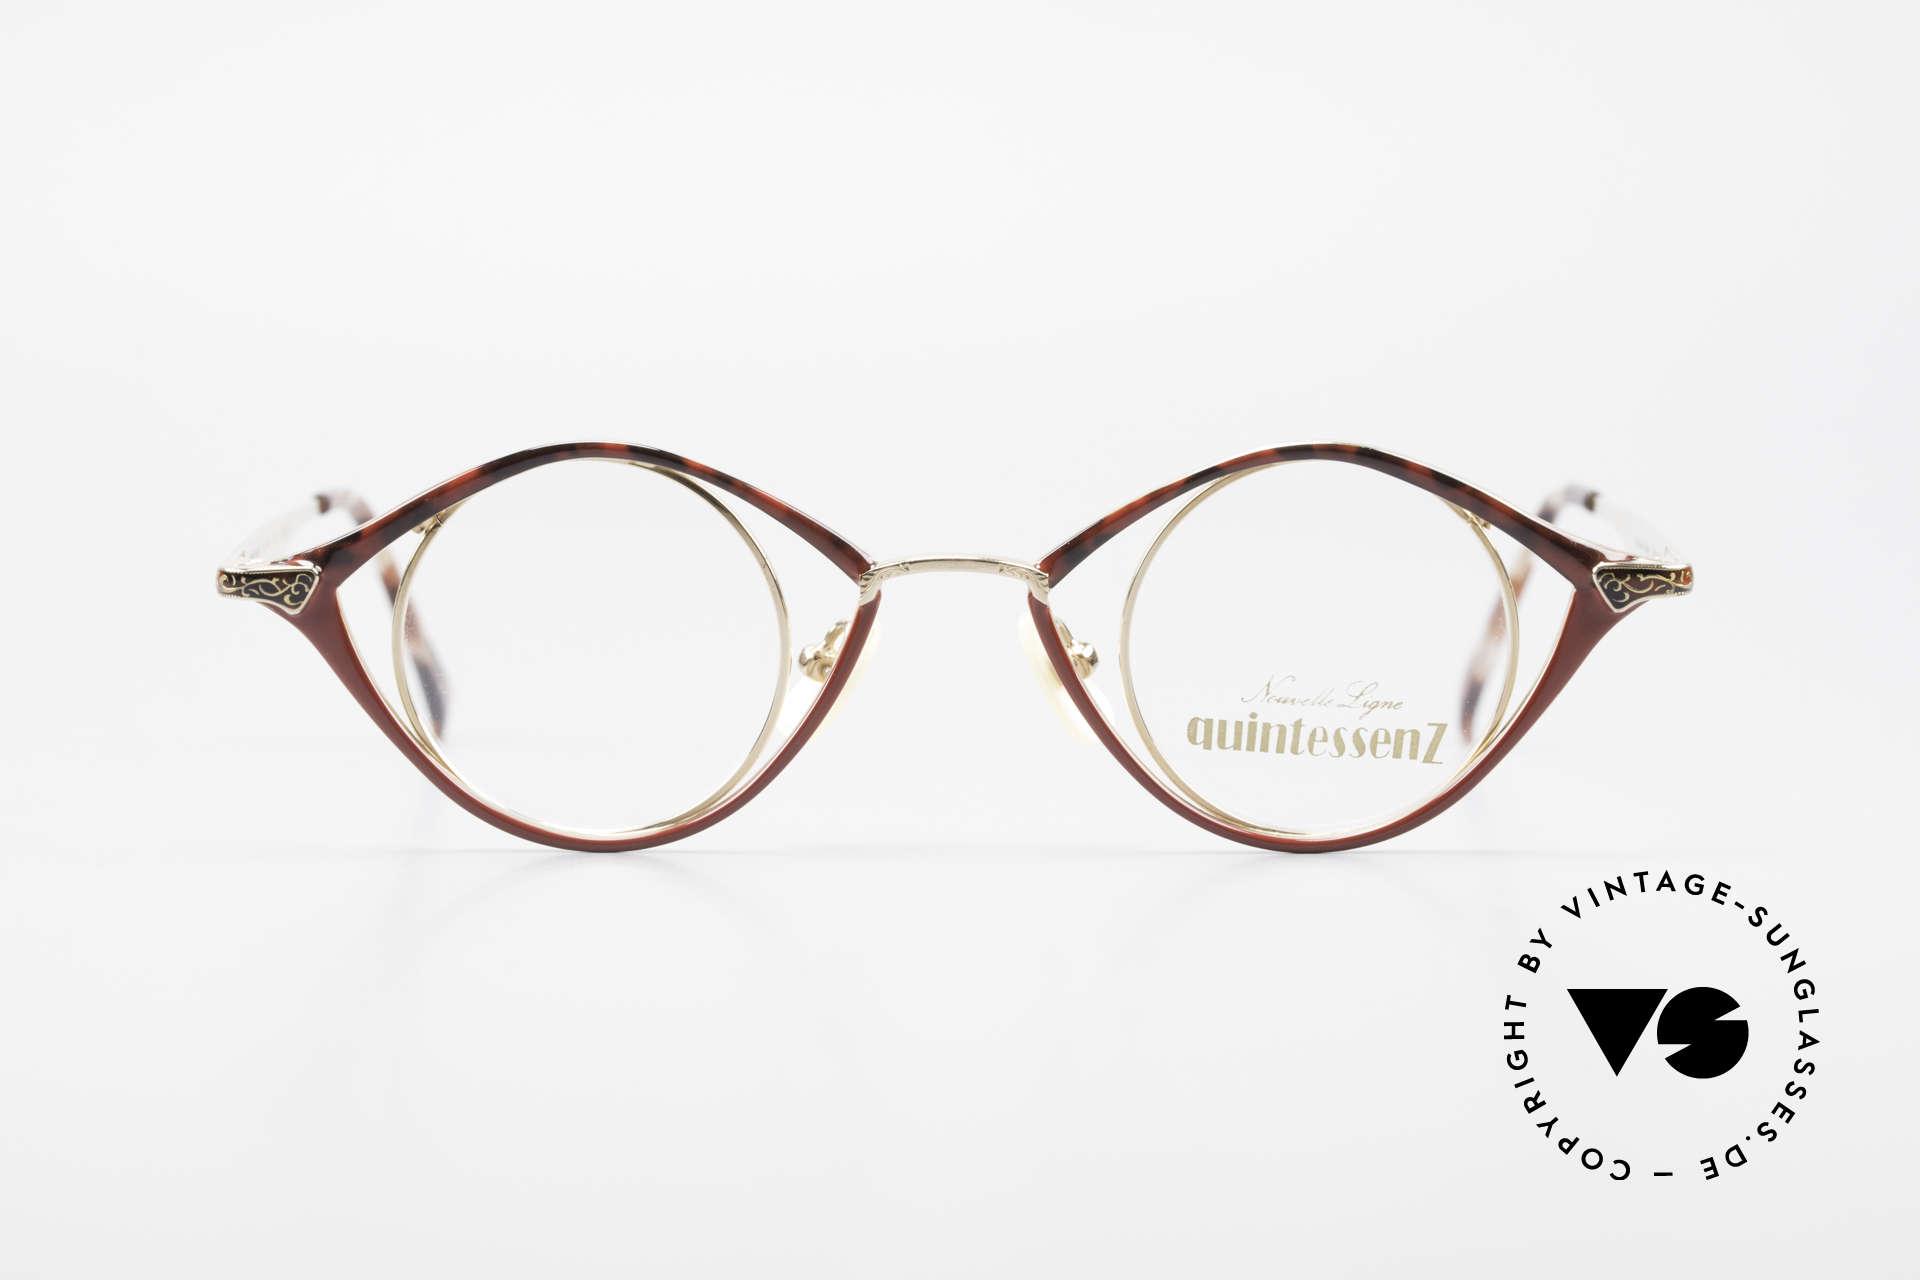 Nouvelle Ligne Q40 Vintage Damenbrille No Retro, Designerbrille aus den 90ern von Nouvelle Ligne, Passend für Damen